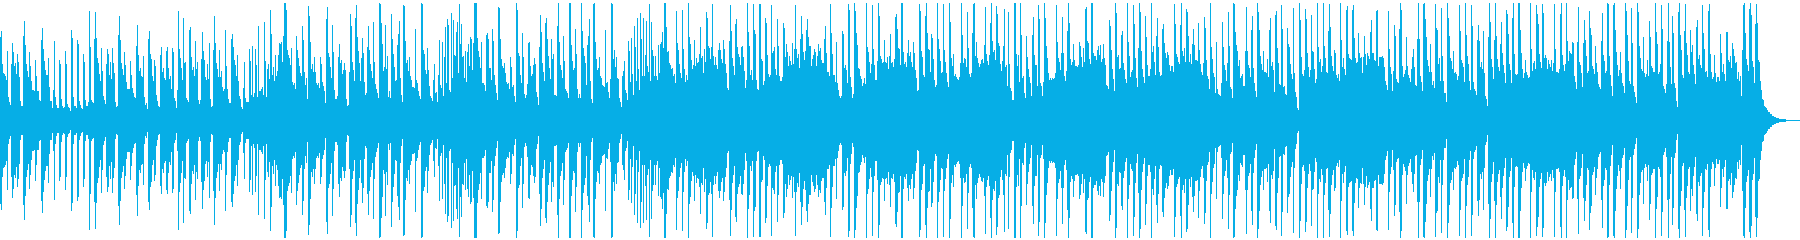 ラテンバンド、サンタナスタイルのリ...の再生済みの波形